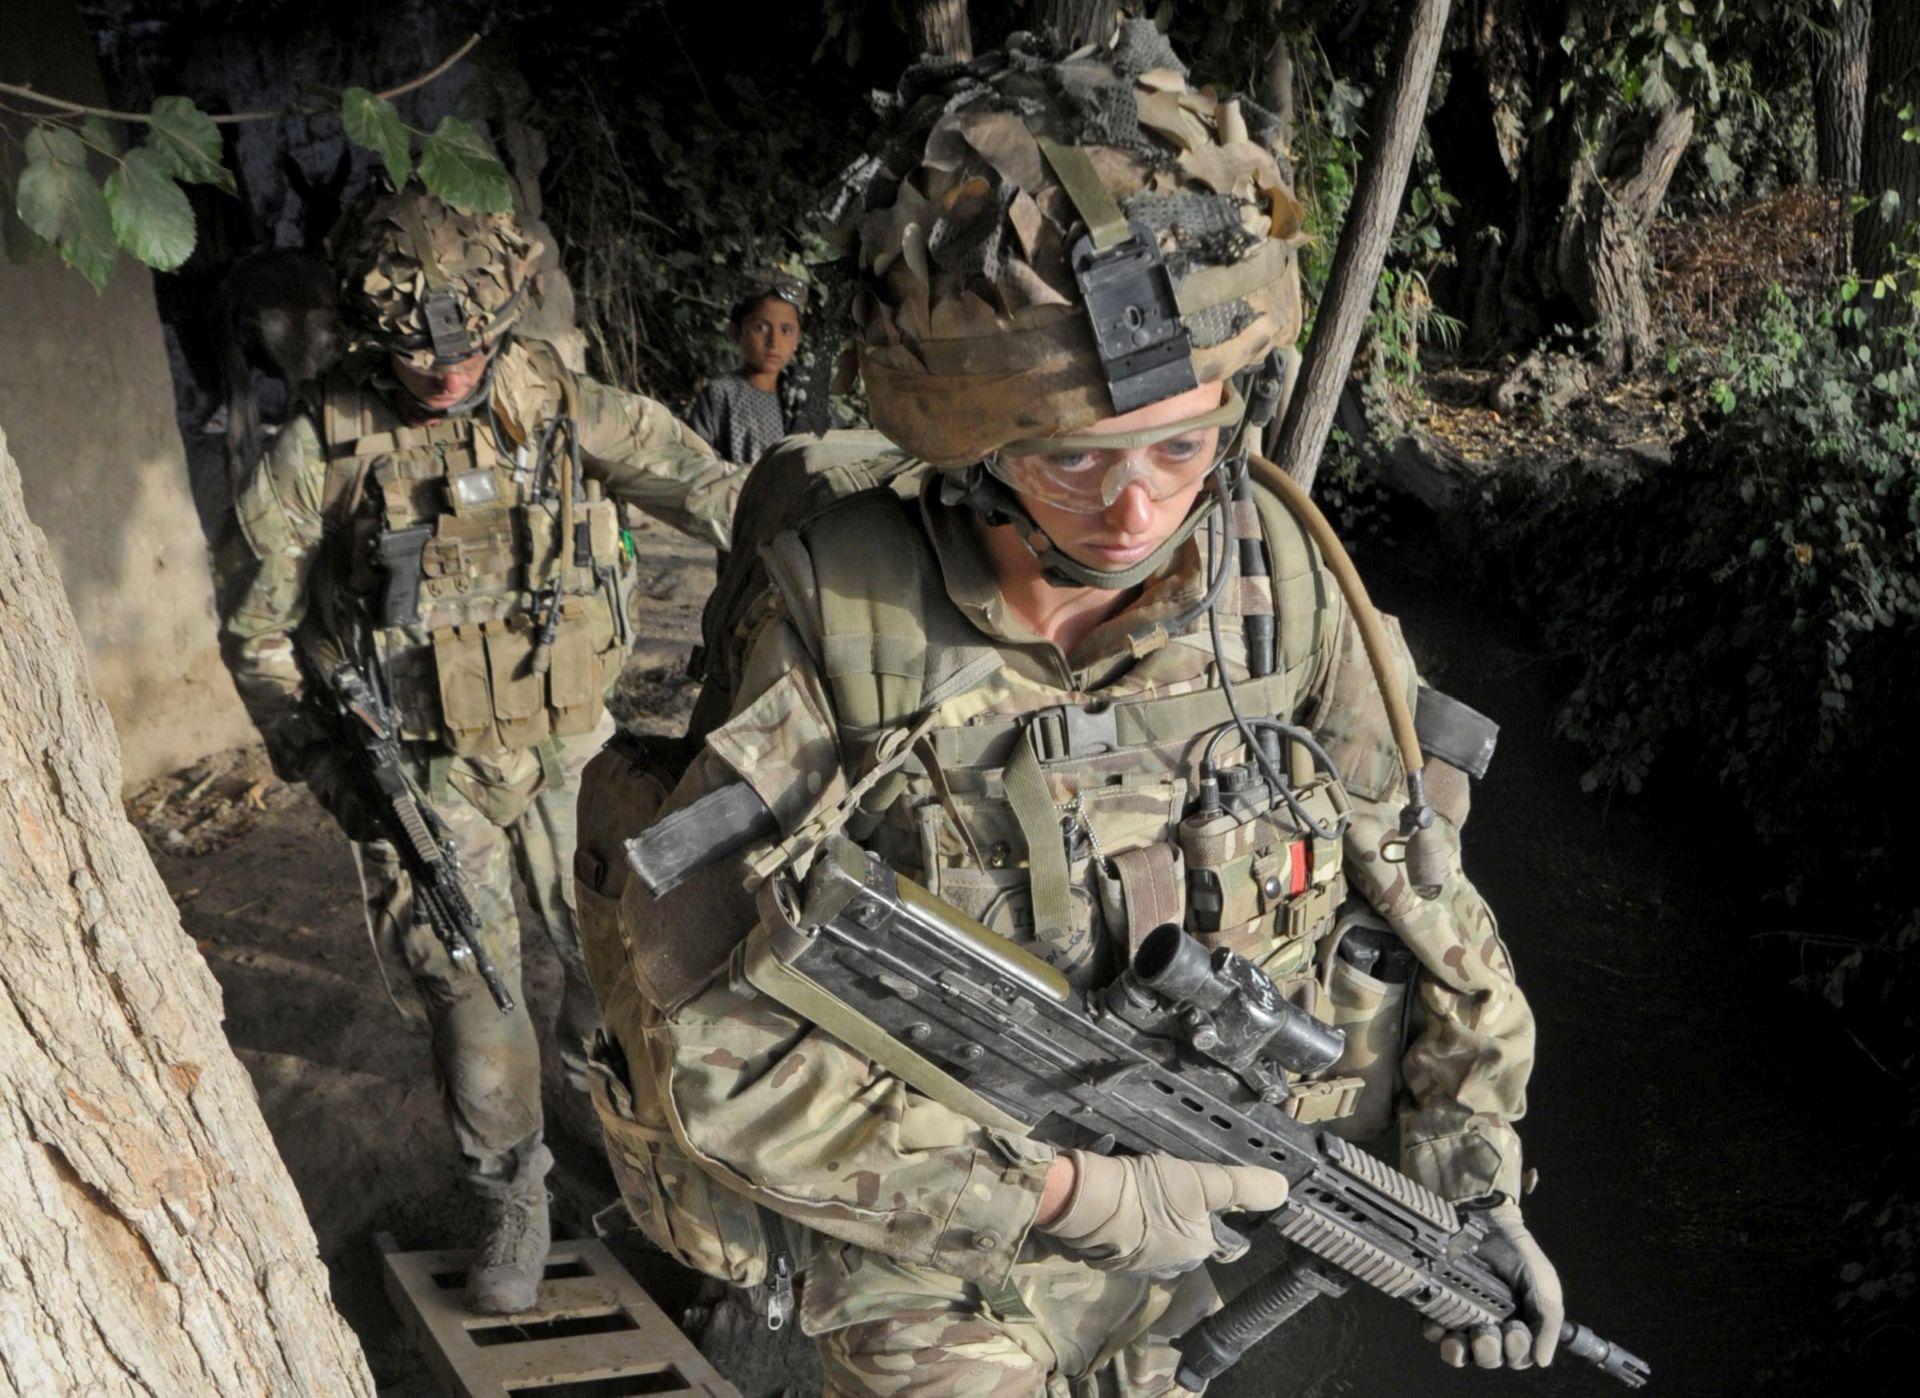 IZBJEGAVANJE PROGONA: London će izuzeti svoje vojnike iz Europske konvencije o ljudskim pravima